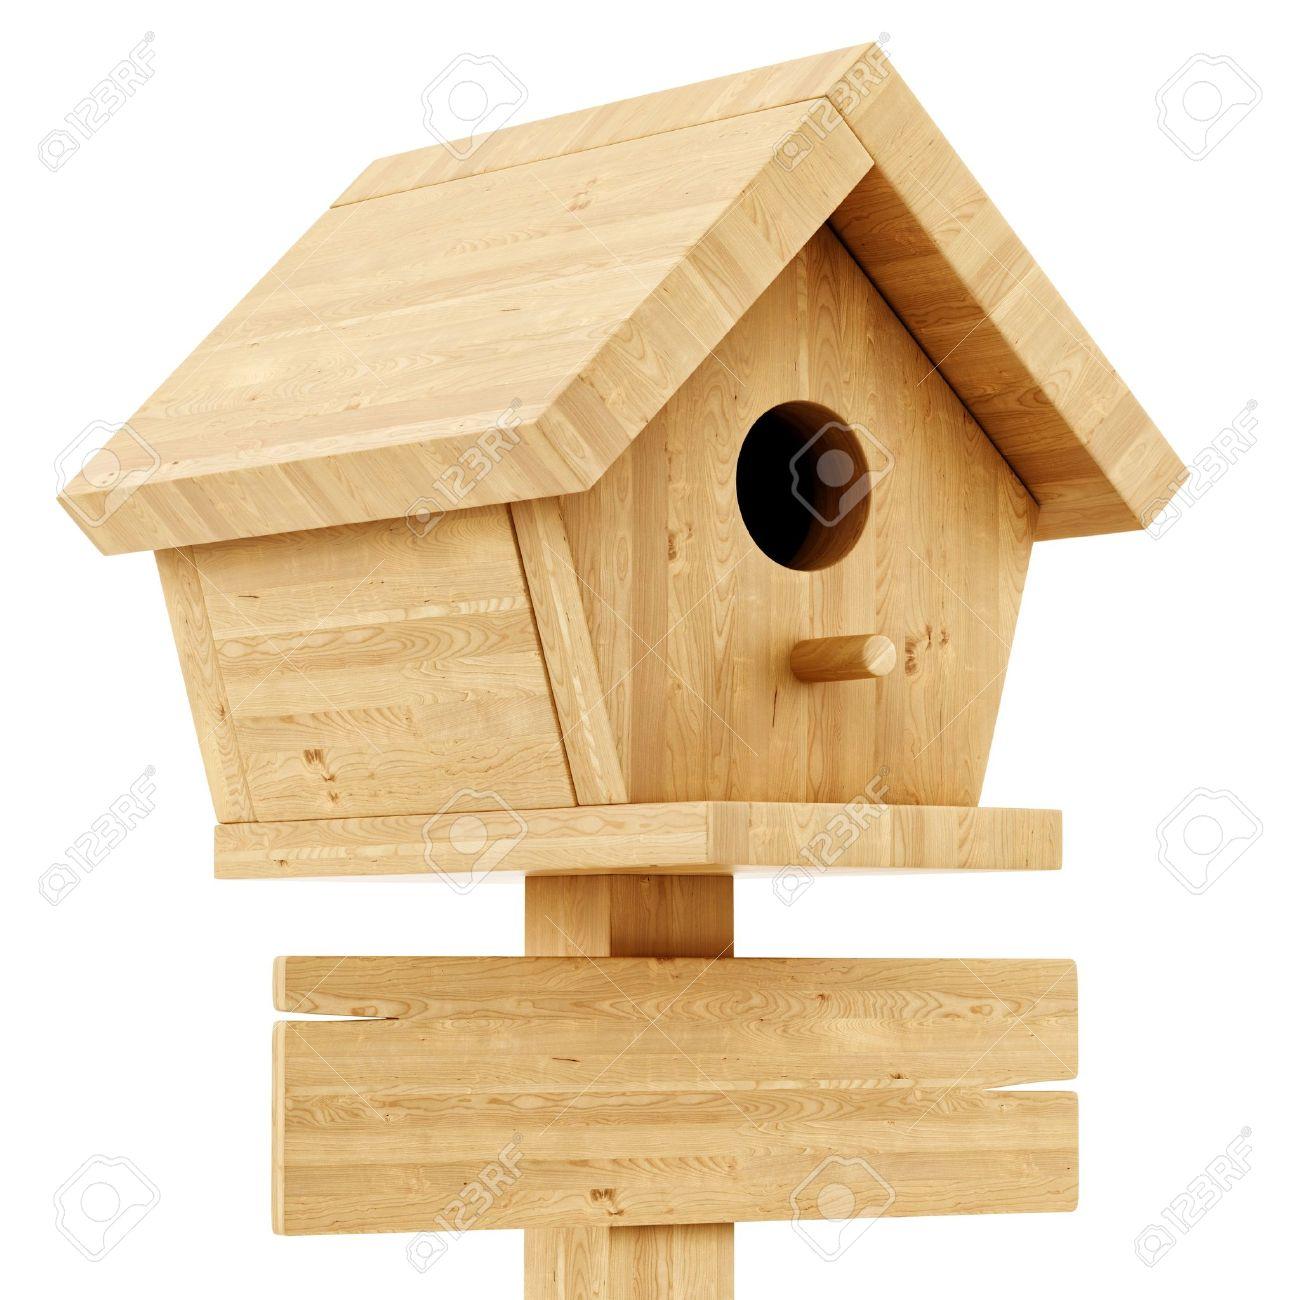 5964004ced345 Foto de archivo - Rinde de una casa para pájaros con un cartel de madera